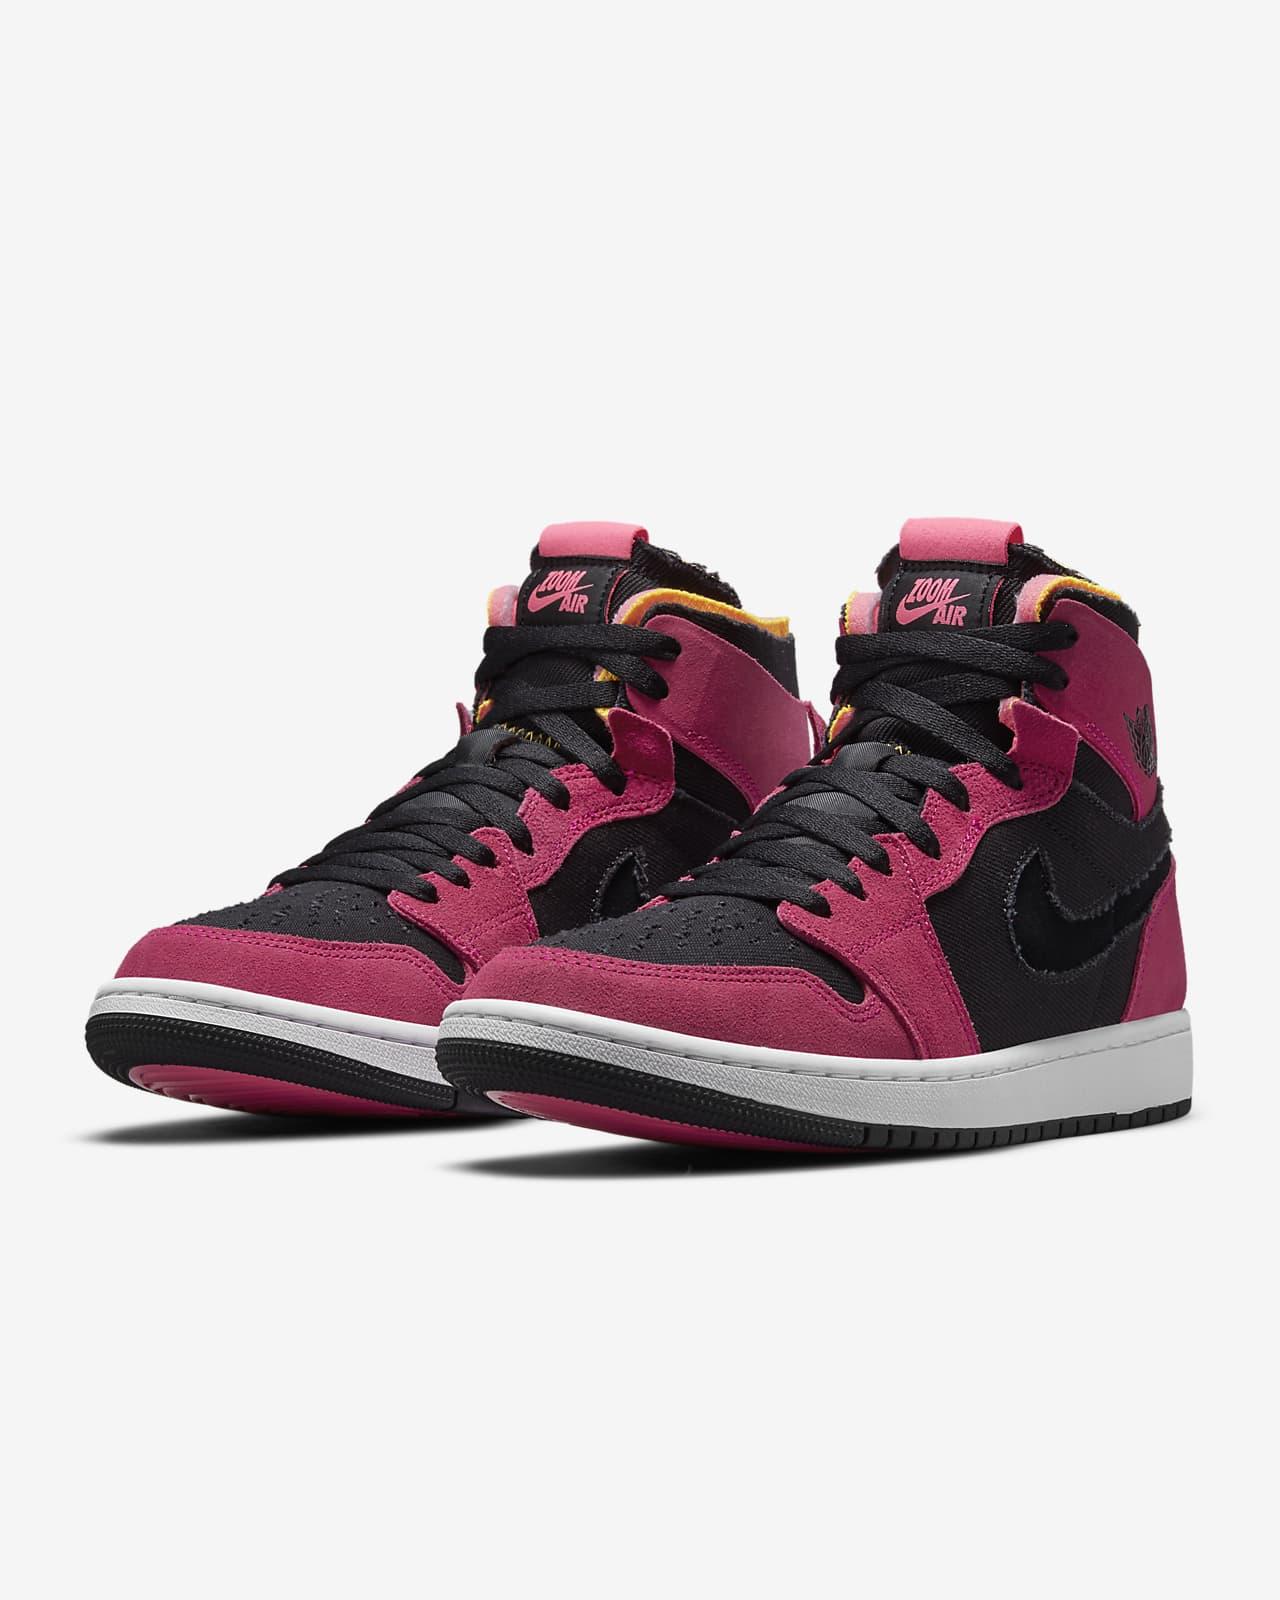 Air Jordan 1 Zoom Cmft Shoes